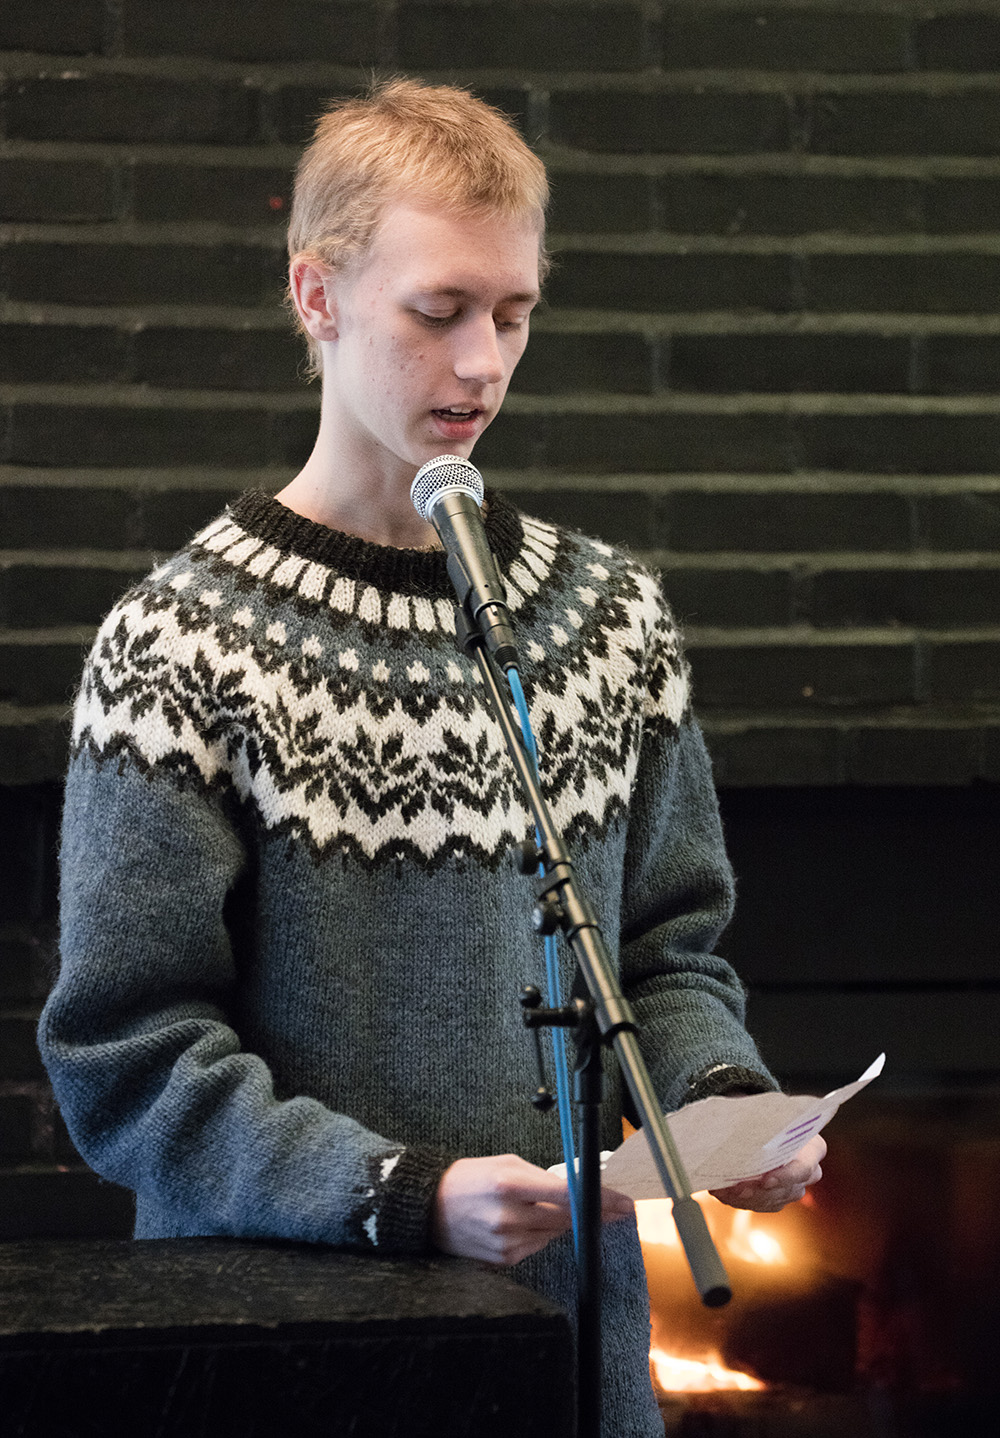 Forfatterskolen for unge og FGK (ForfatterGundKursus) på Litt Talk Litteraturfestival på Vallekilde Højskole, februar 2019.